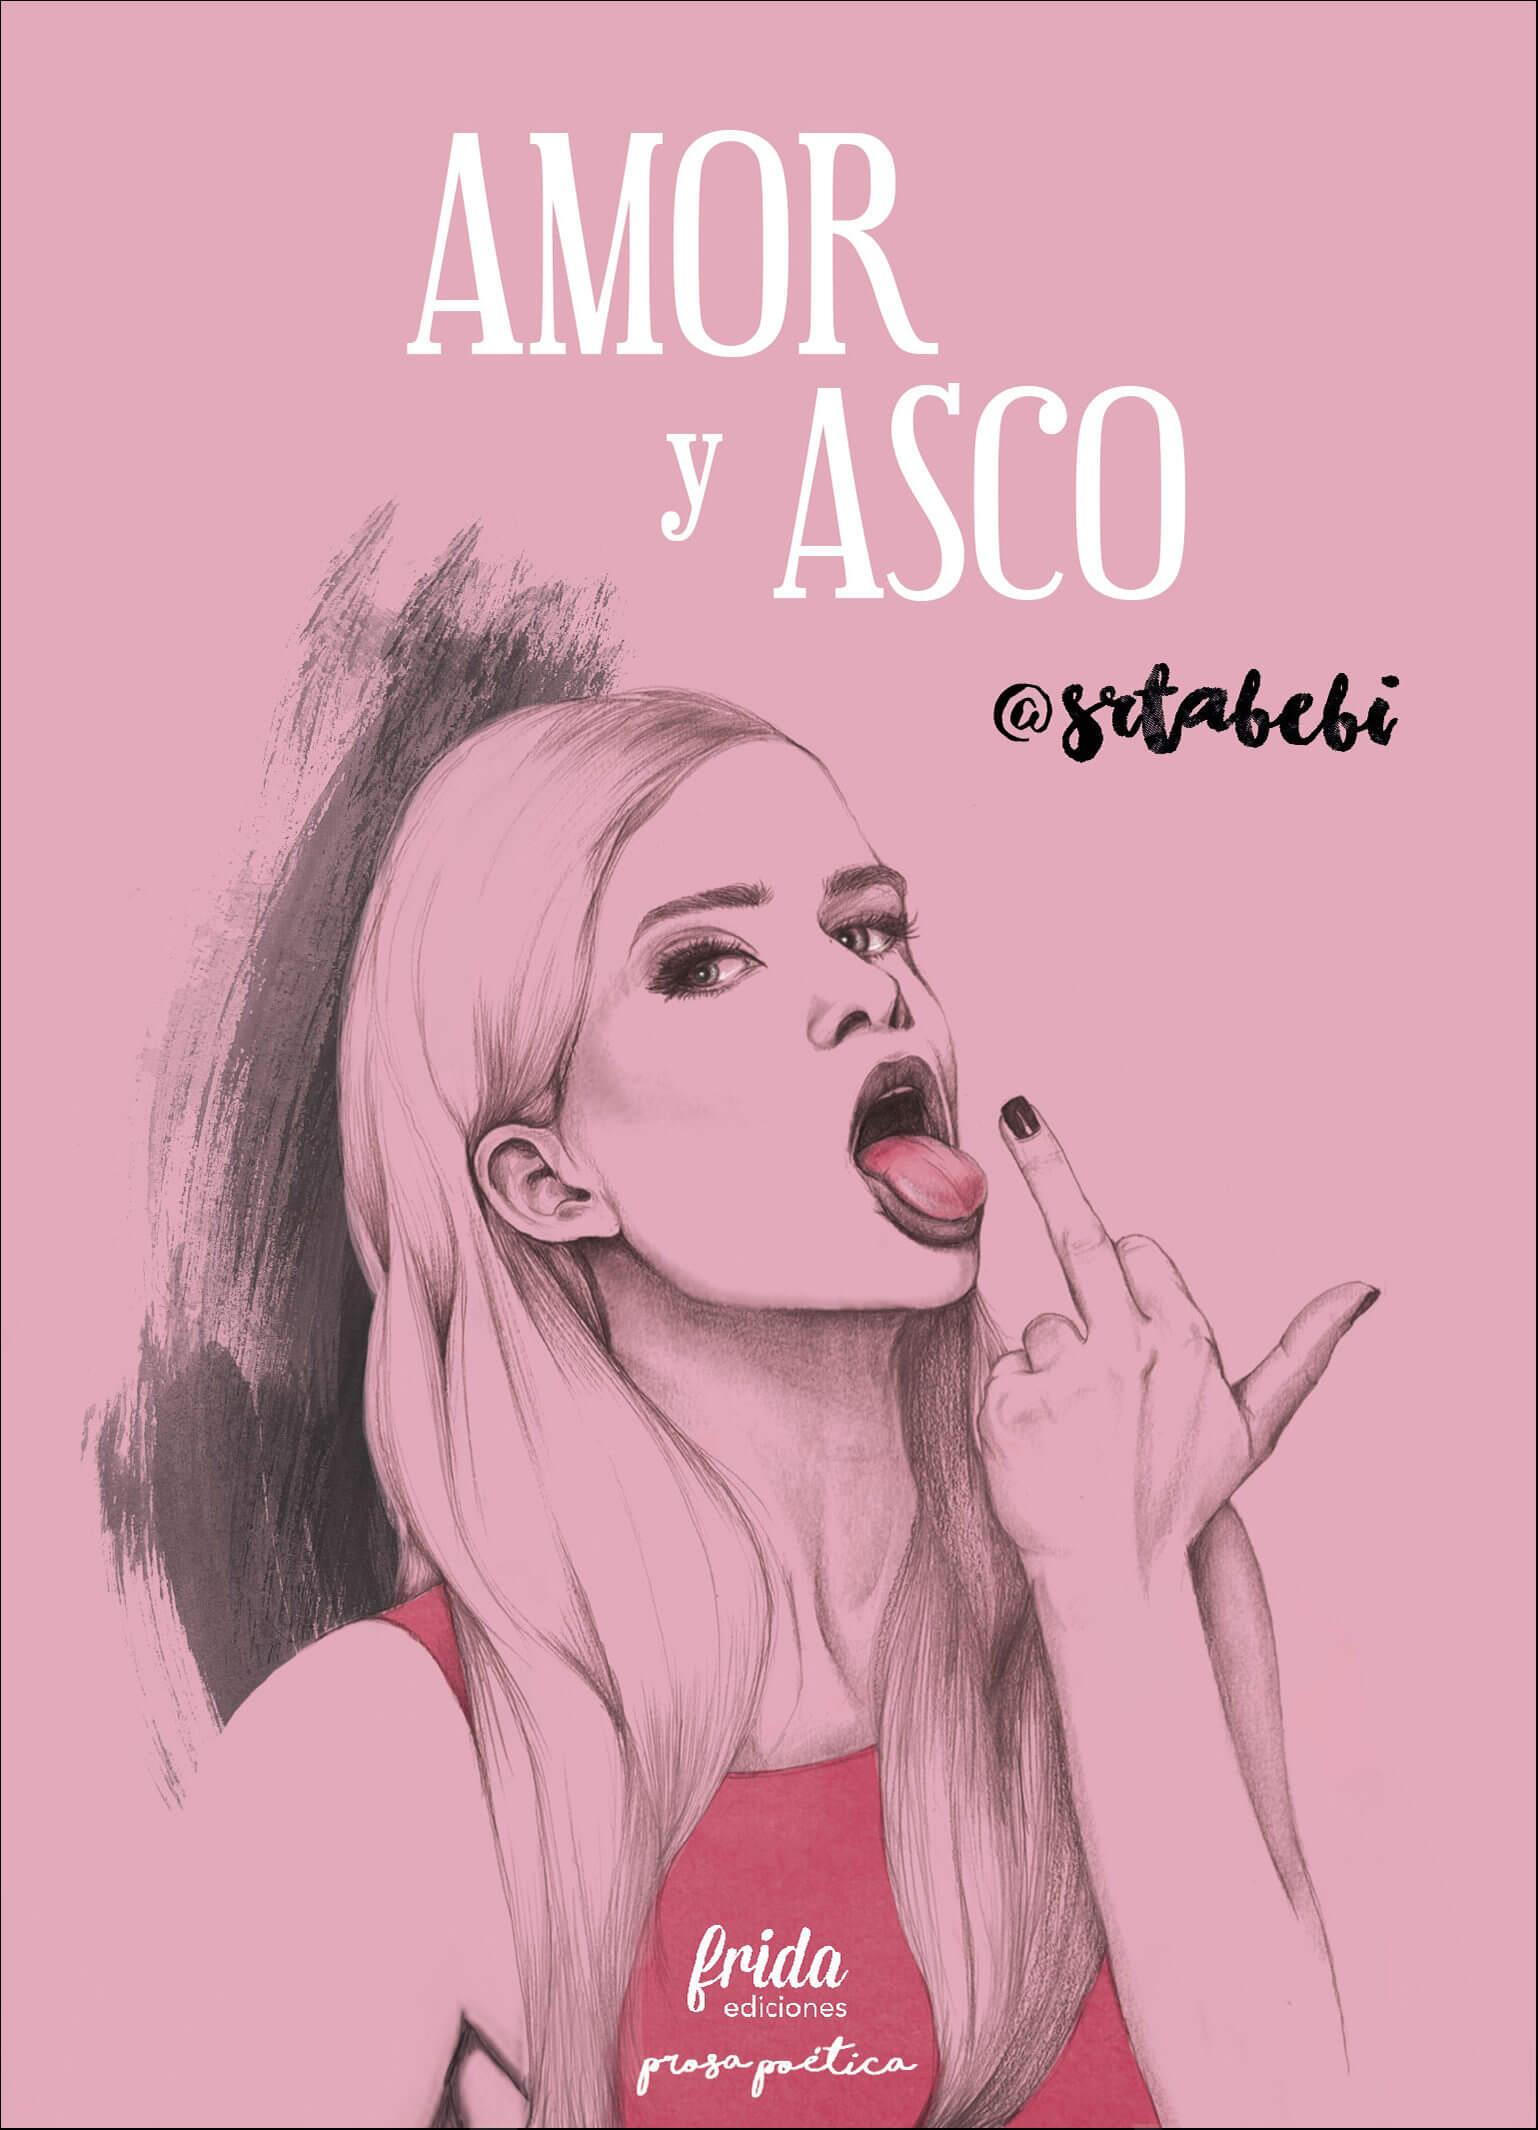 Descargar el libro Amor y asco (PDF - ePUB)